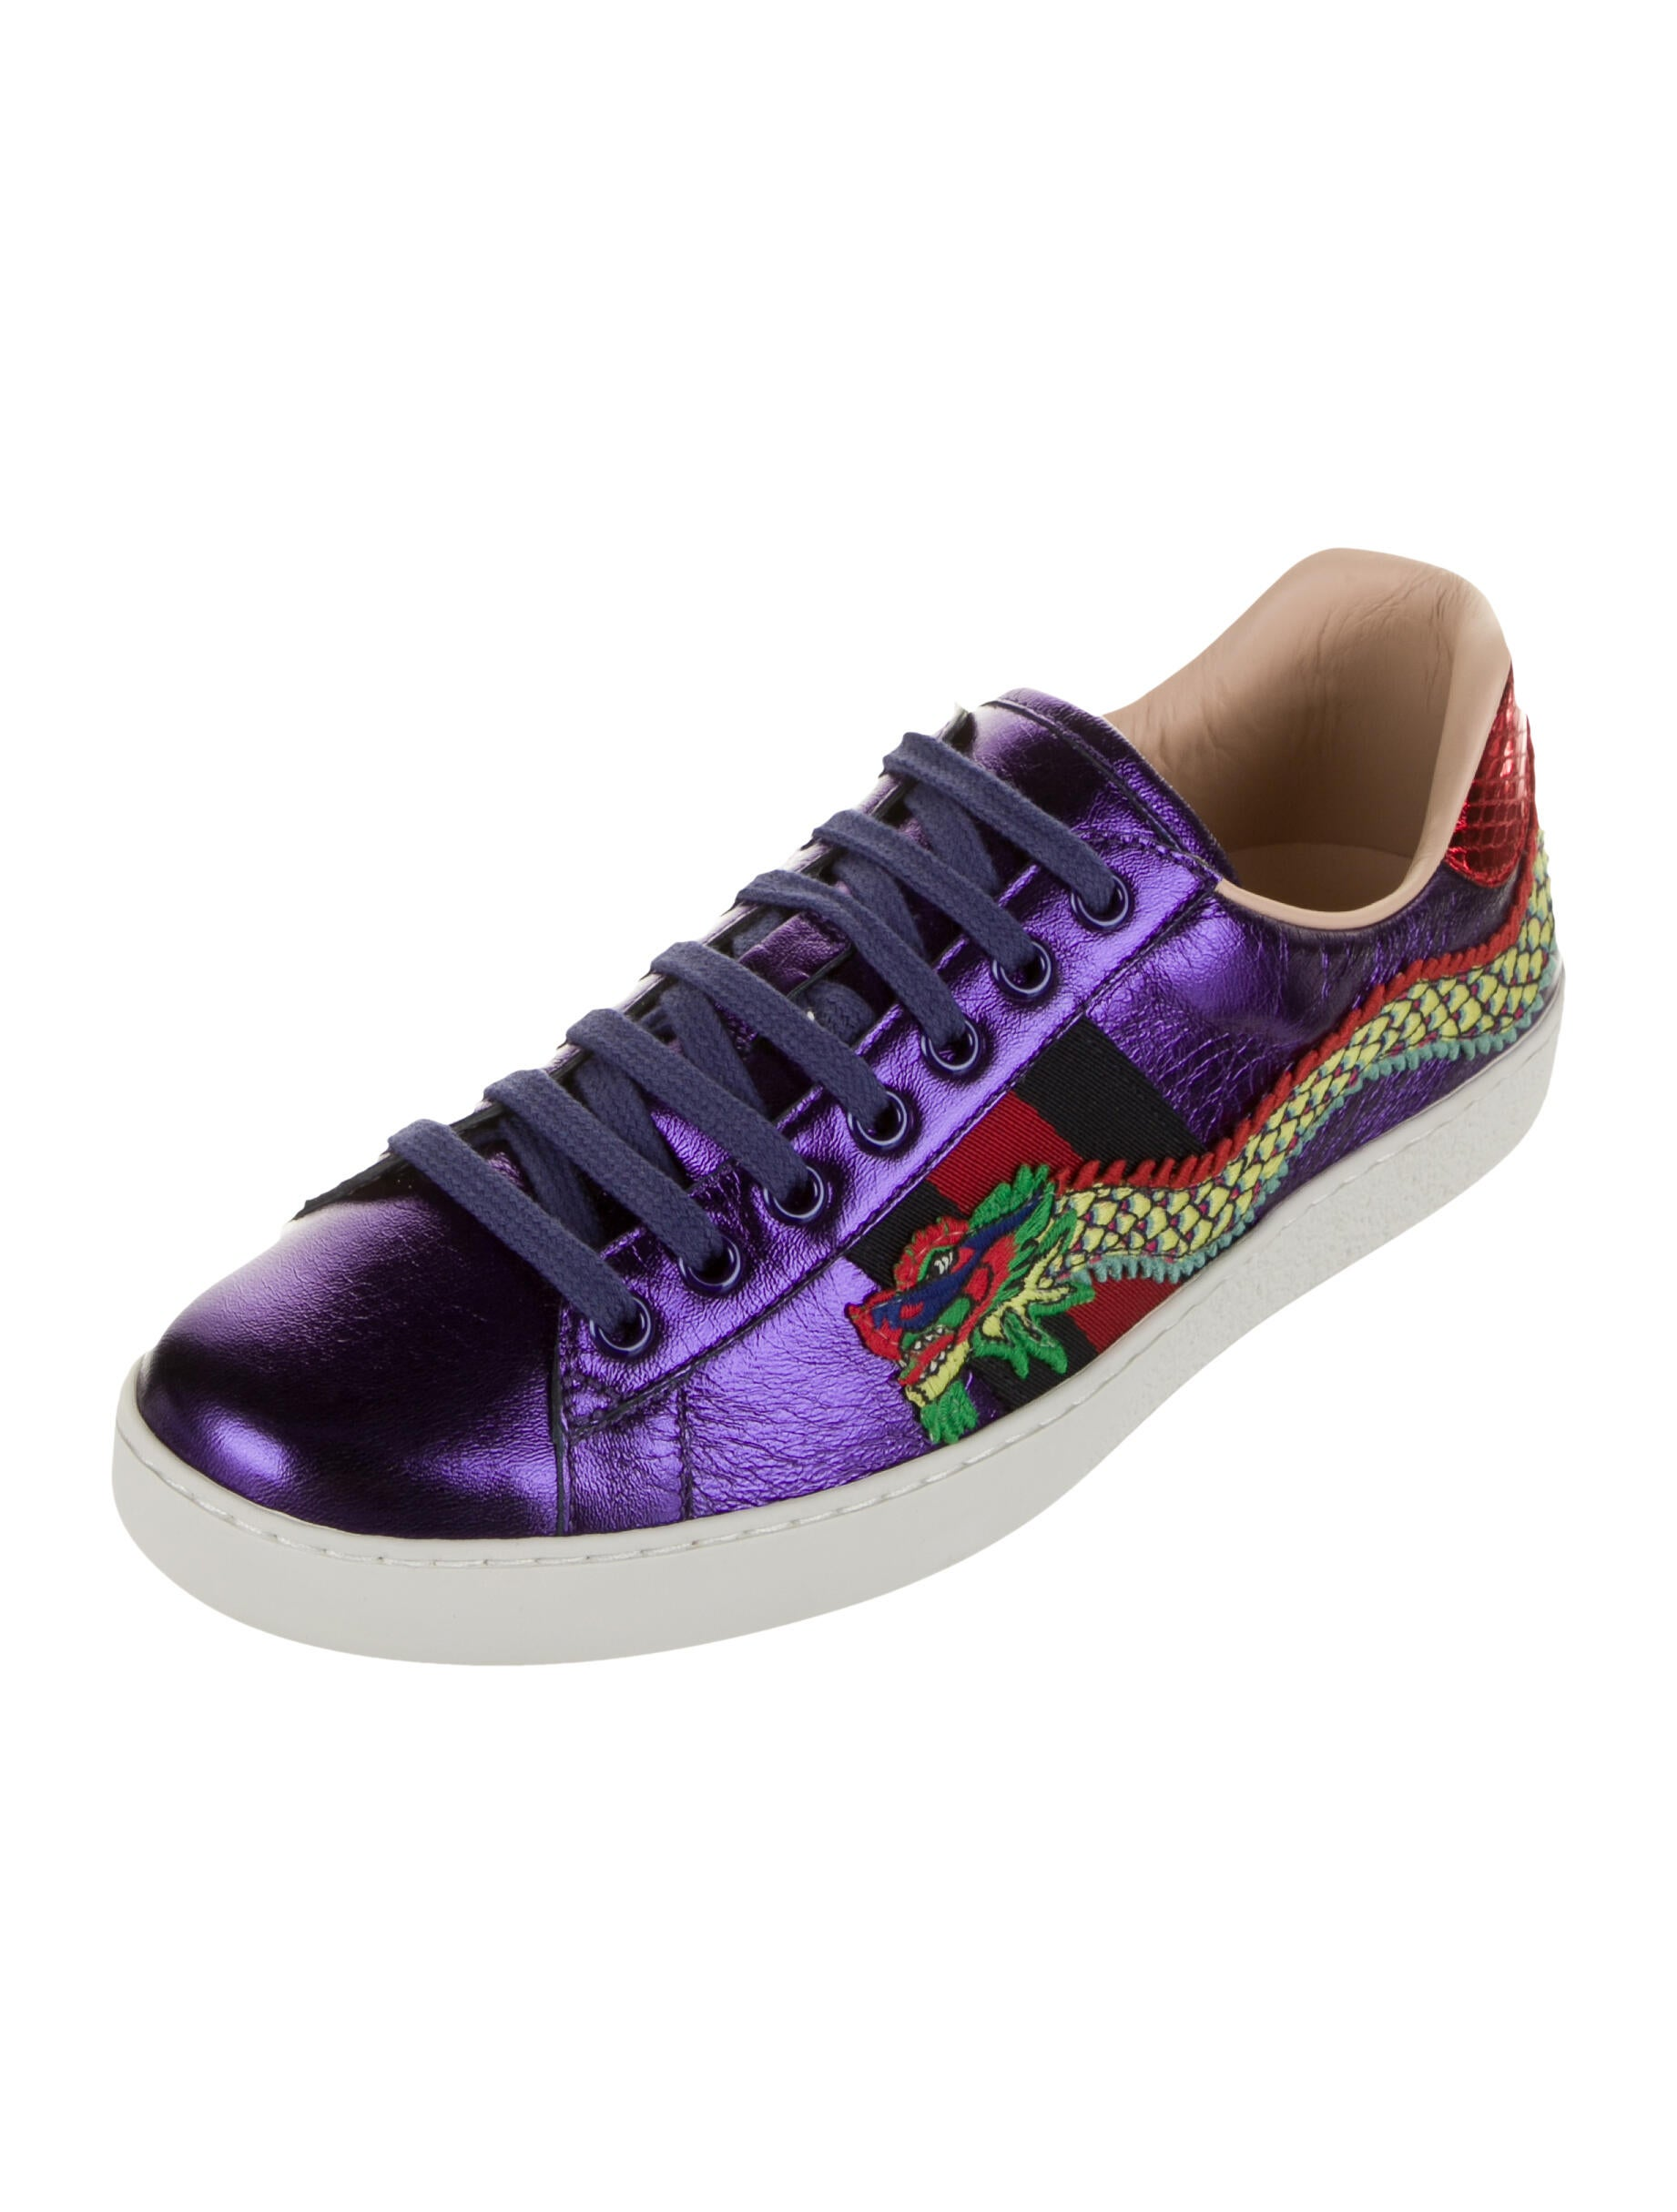 Gucci Ace Purple Dragon Sneakers